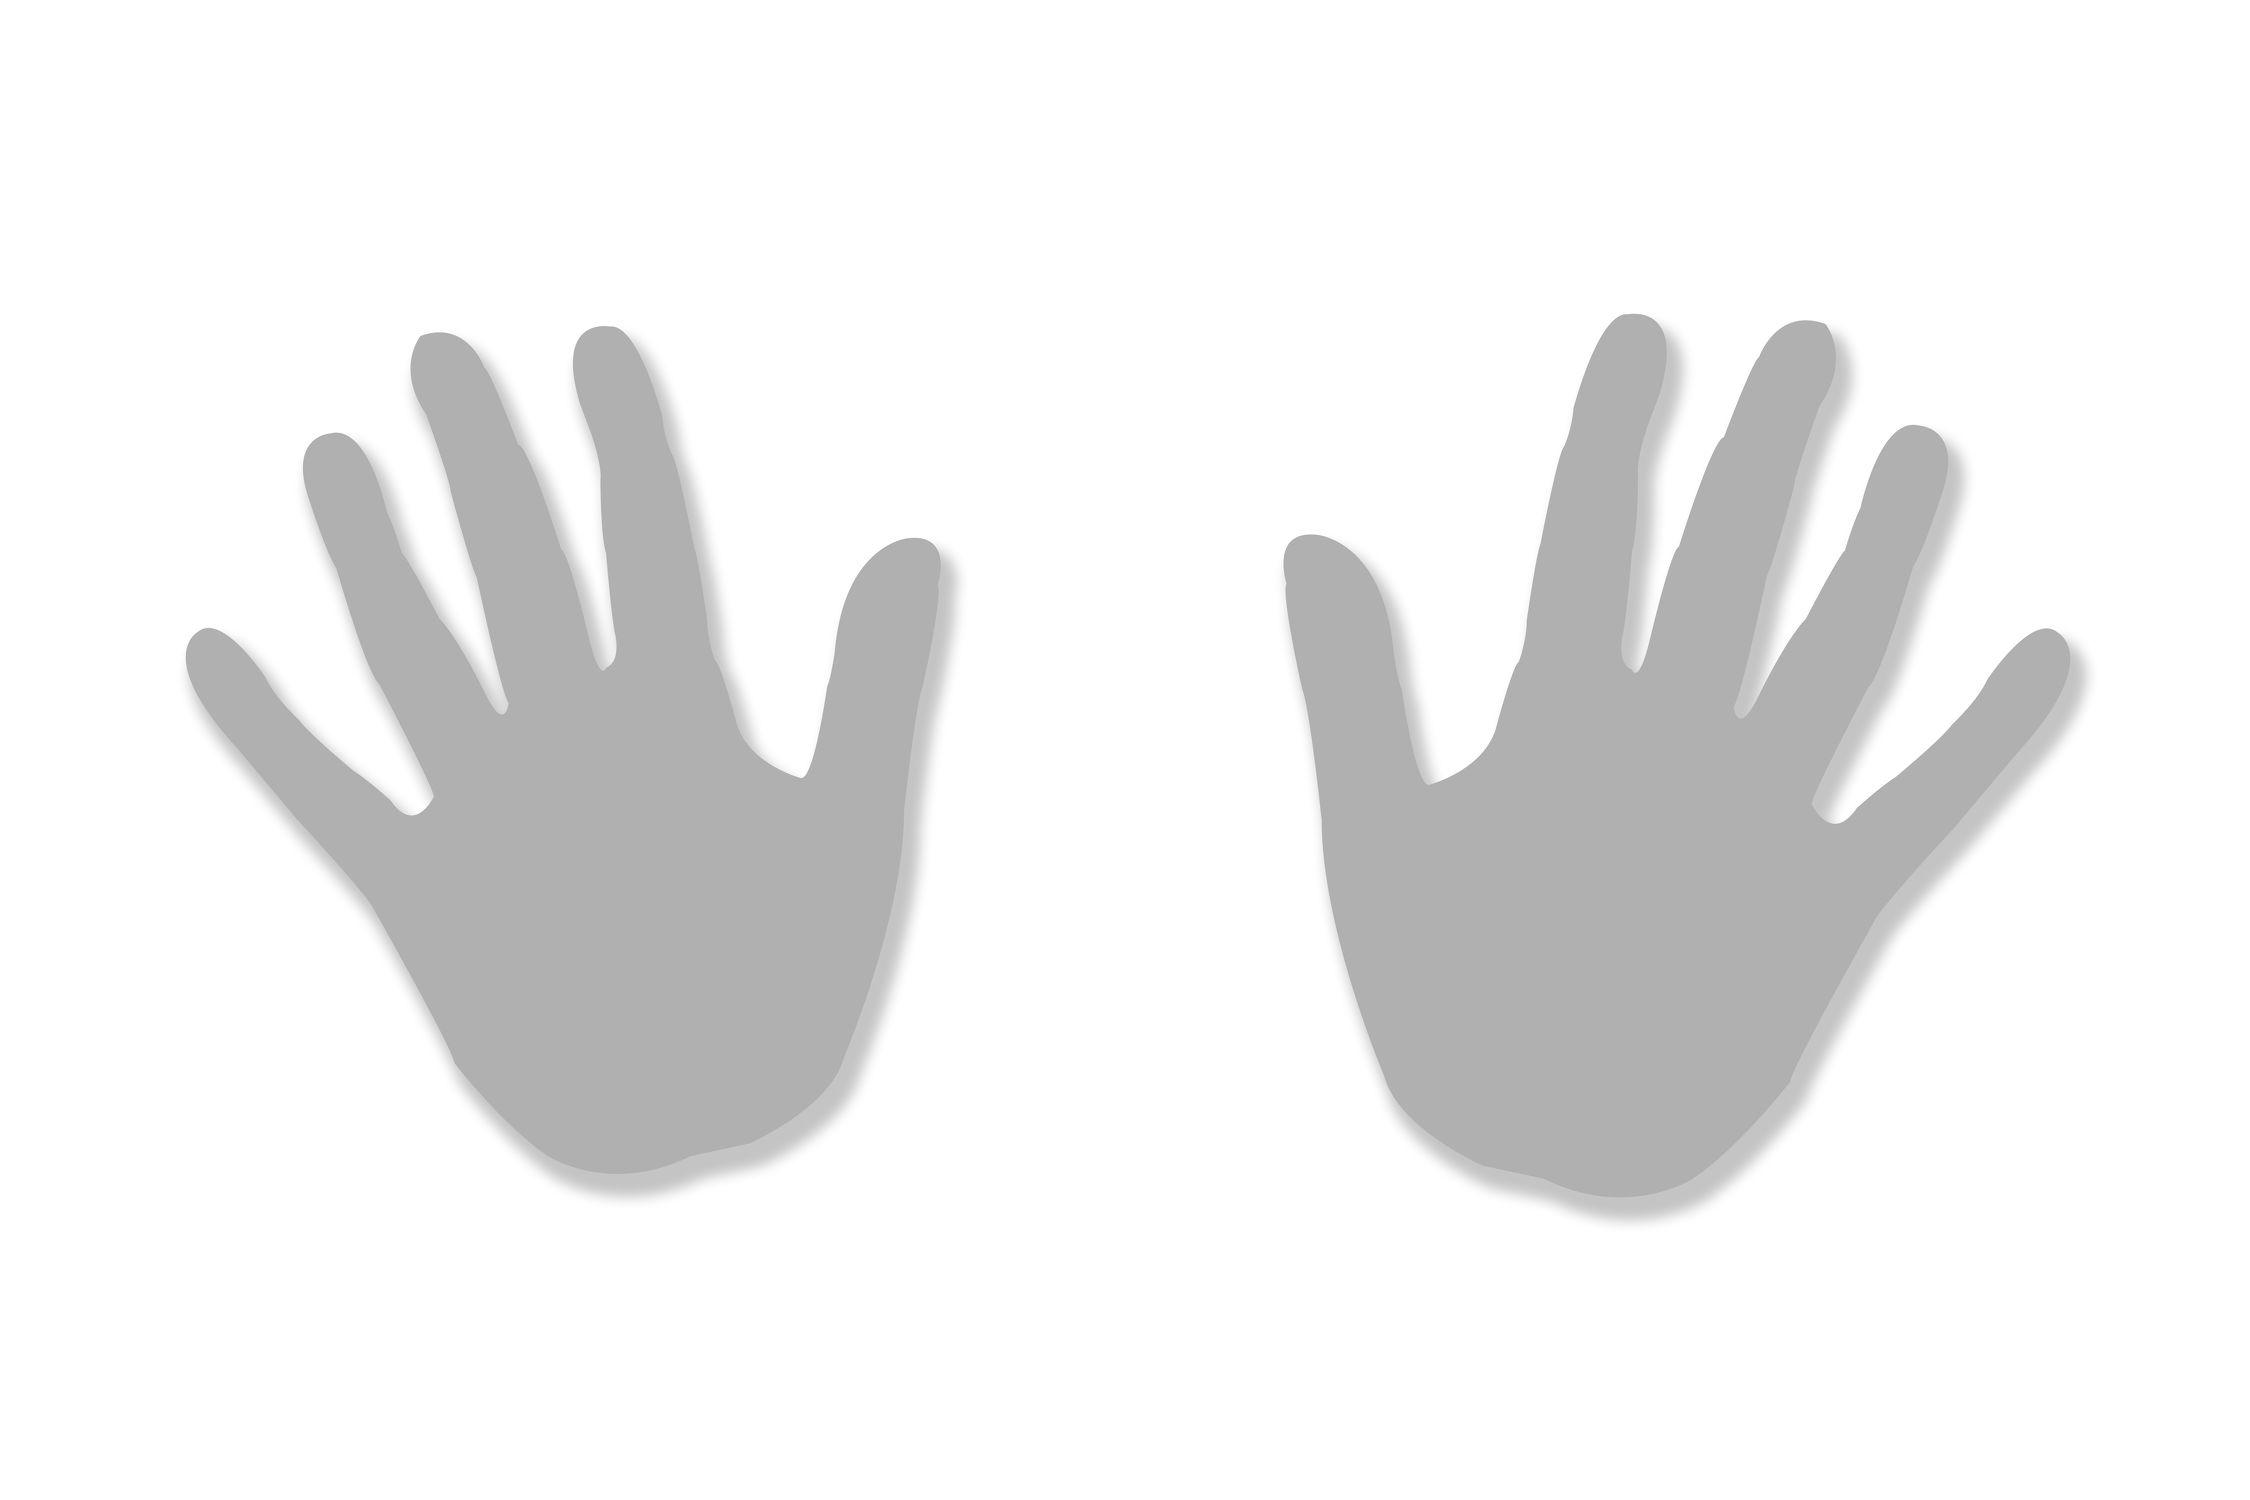 Bild mit Menschen, Körperteile, Hände, Finger, Hand, hands, Silhouette